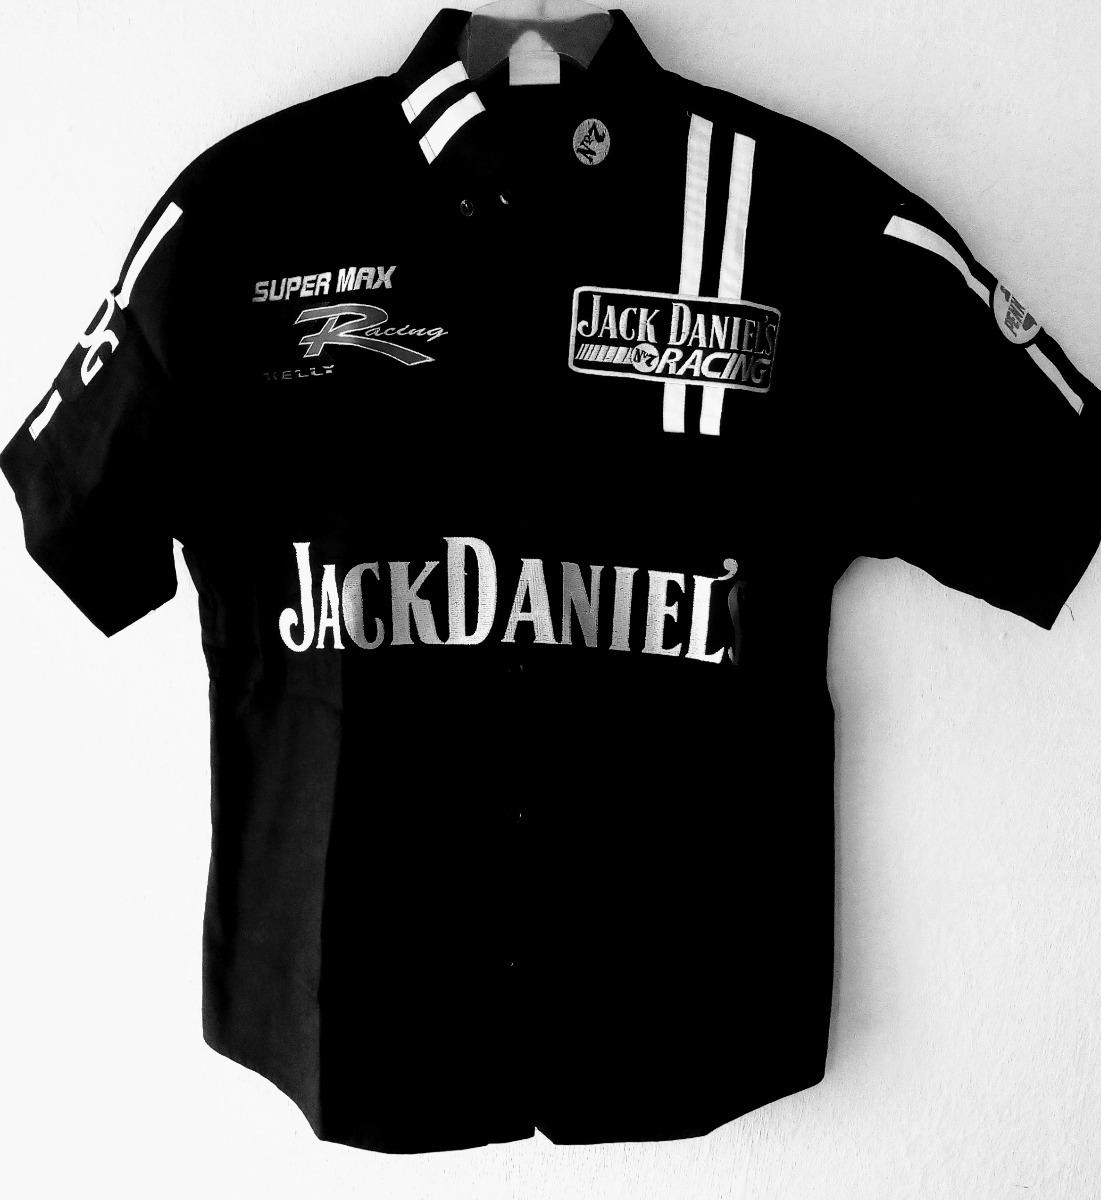 Jack Daniel Camisa Negra Escuderia Racing F1 Nascar -   548.00 en ... 8c4a58c74e154